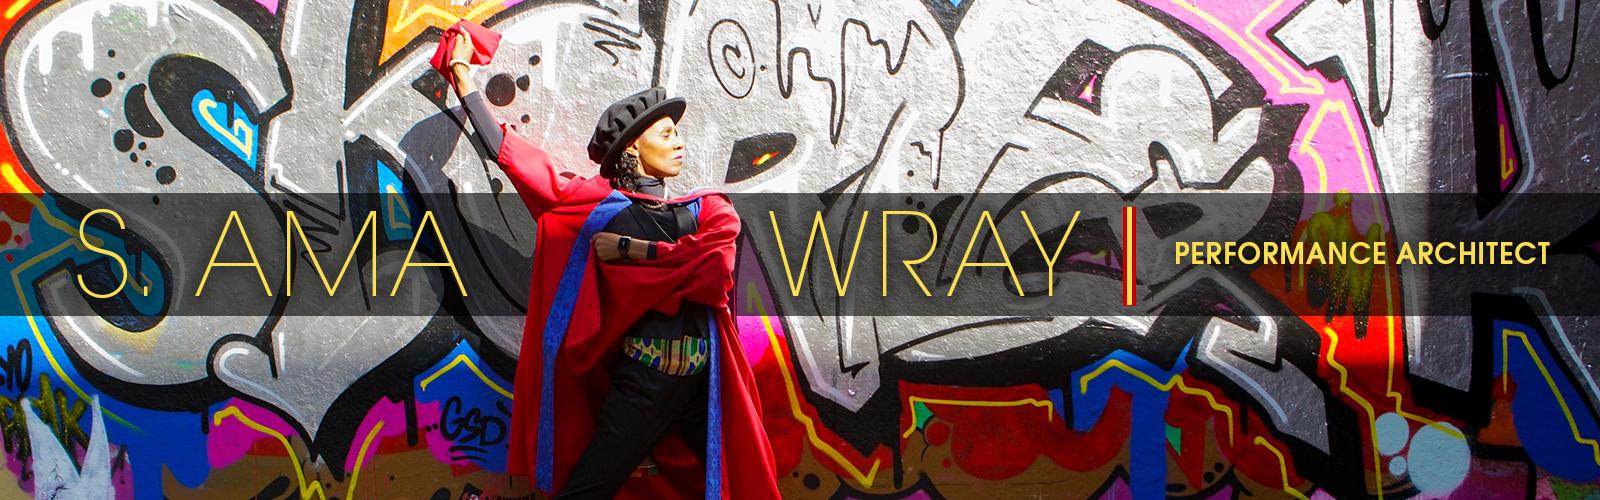 S. Ama Wray: Performance Architect